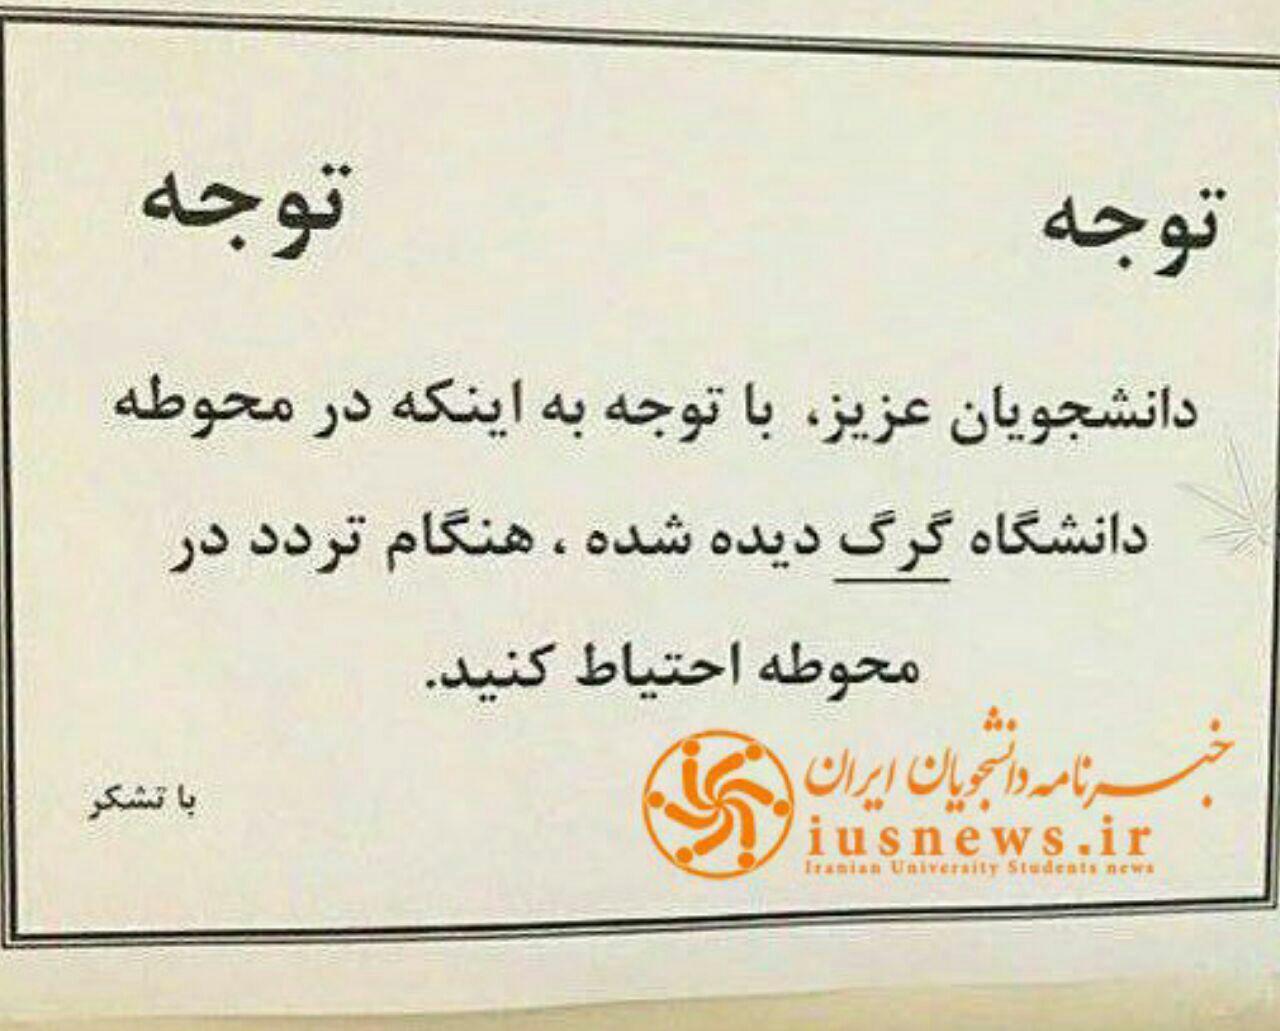 اطلاعیهای عجیب در دانشگاه آزاد کرمانشاه! +عکس